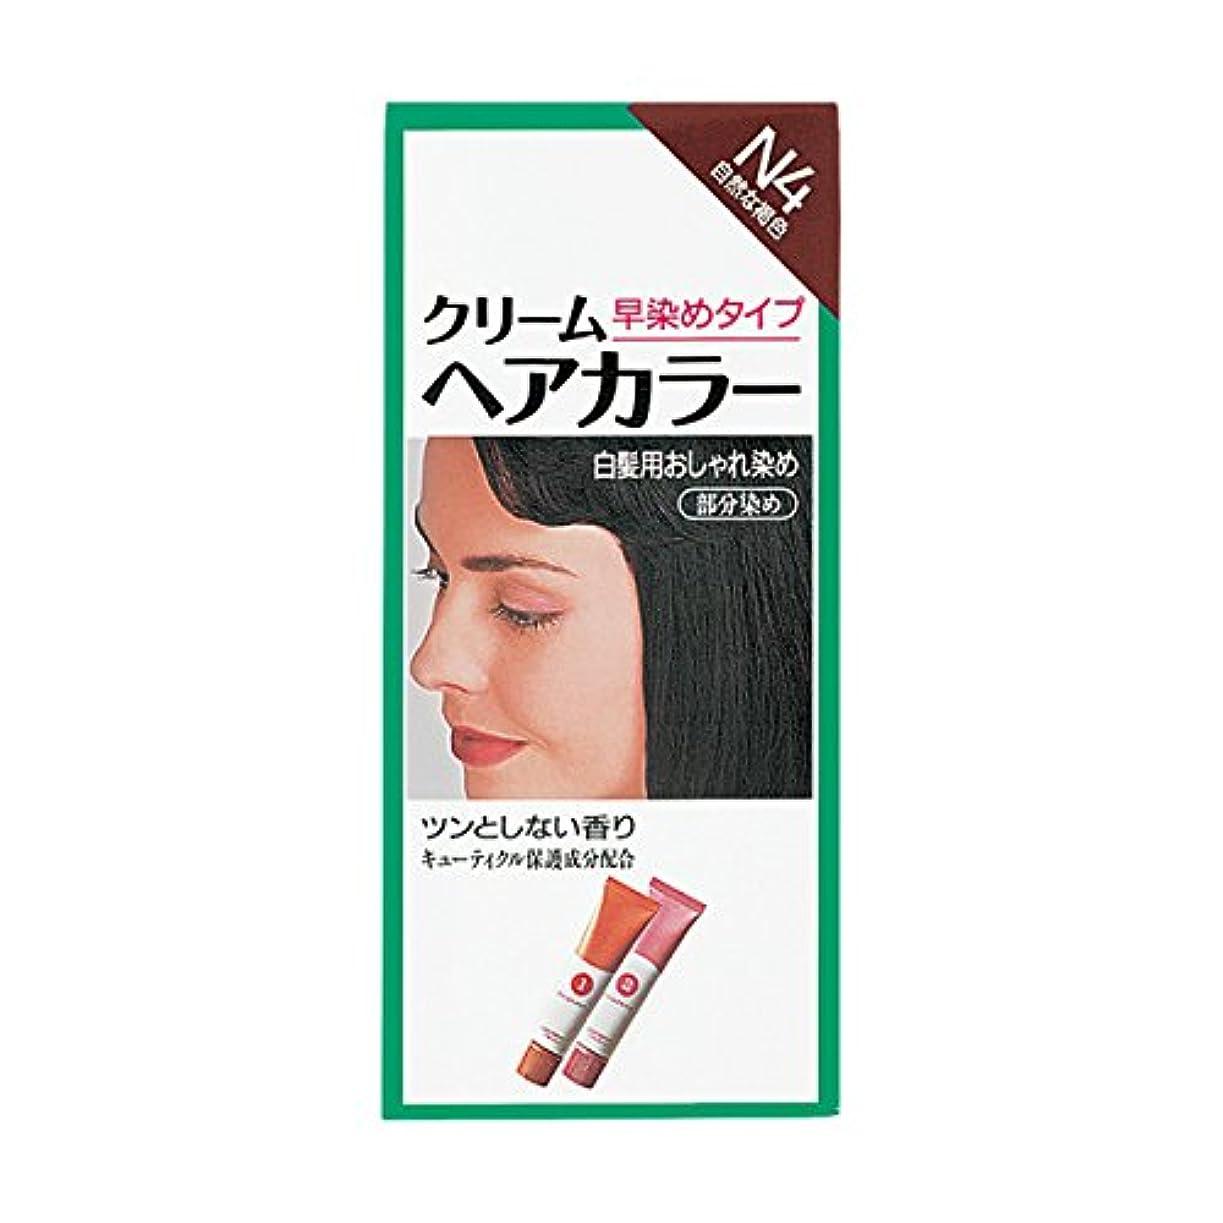 バス請求書首ヘアカラー クリームヘアカラーN N4 【医薬部外品】